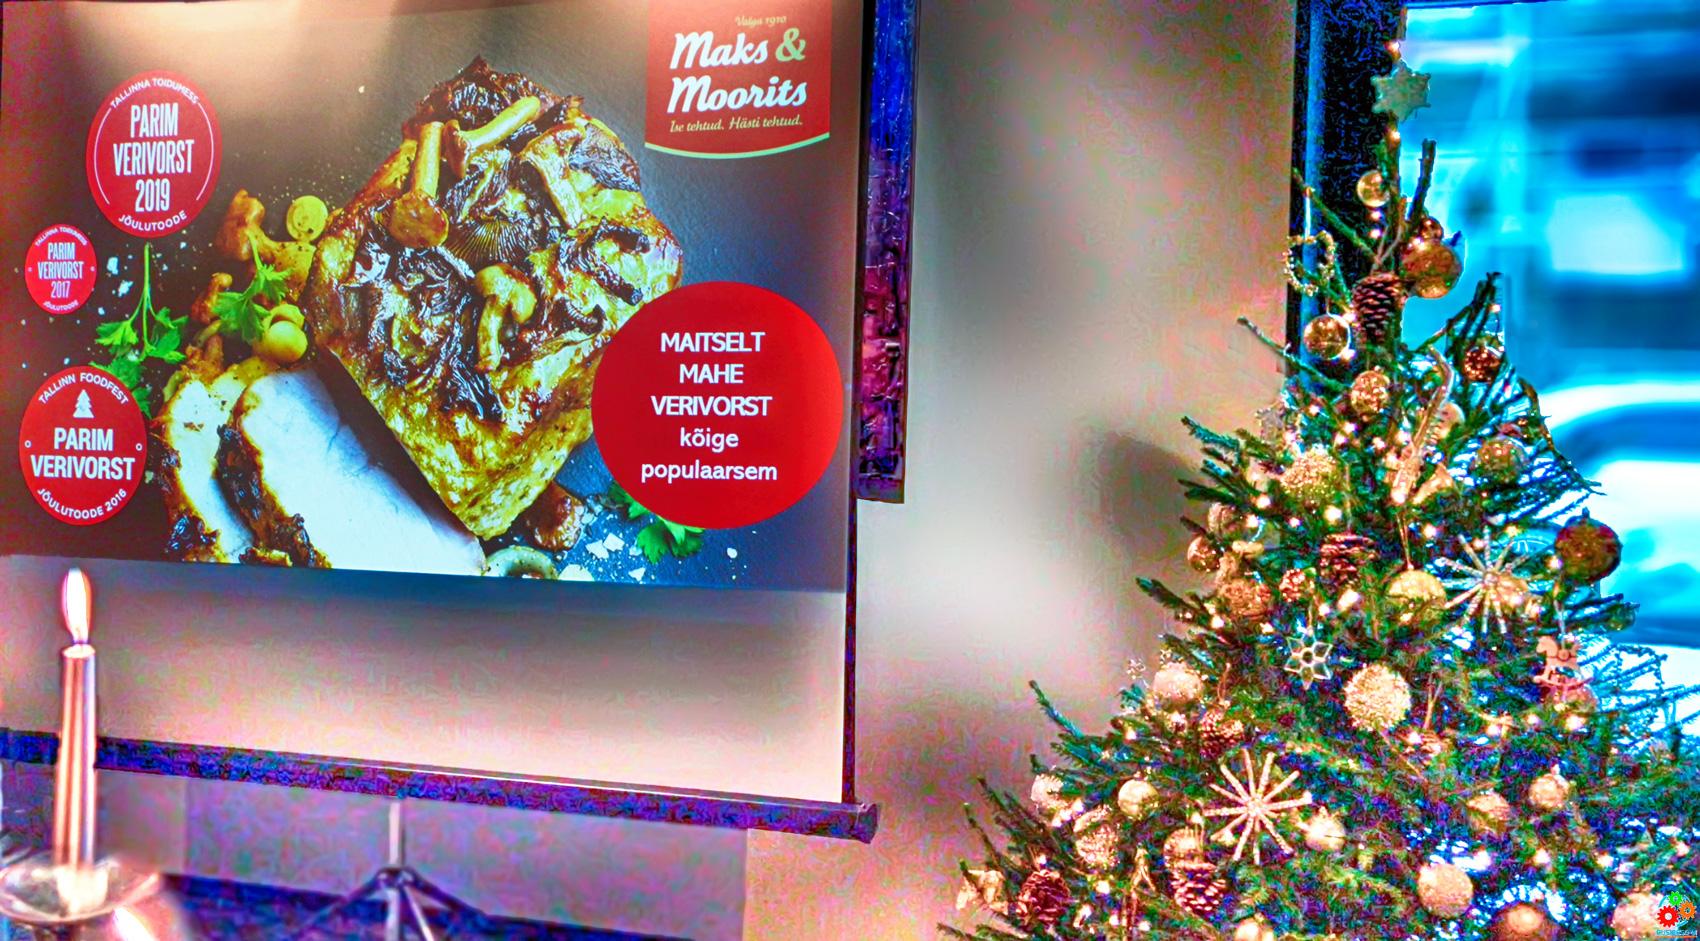 Рождество обещает быть вкусным: Maks & Moorits представил новинки зимнего сезона